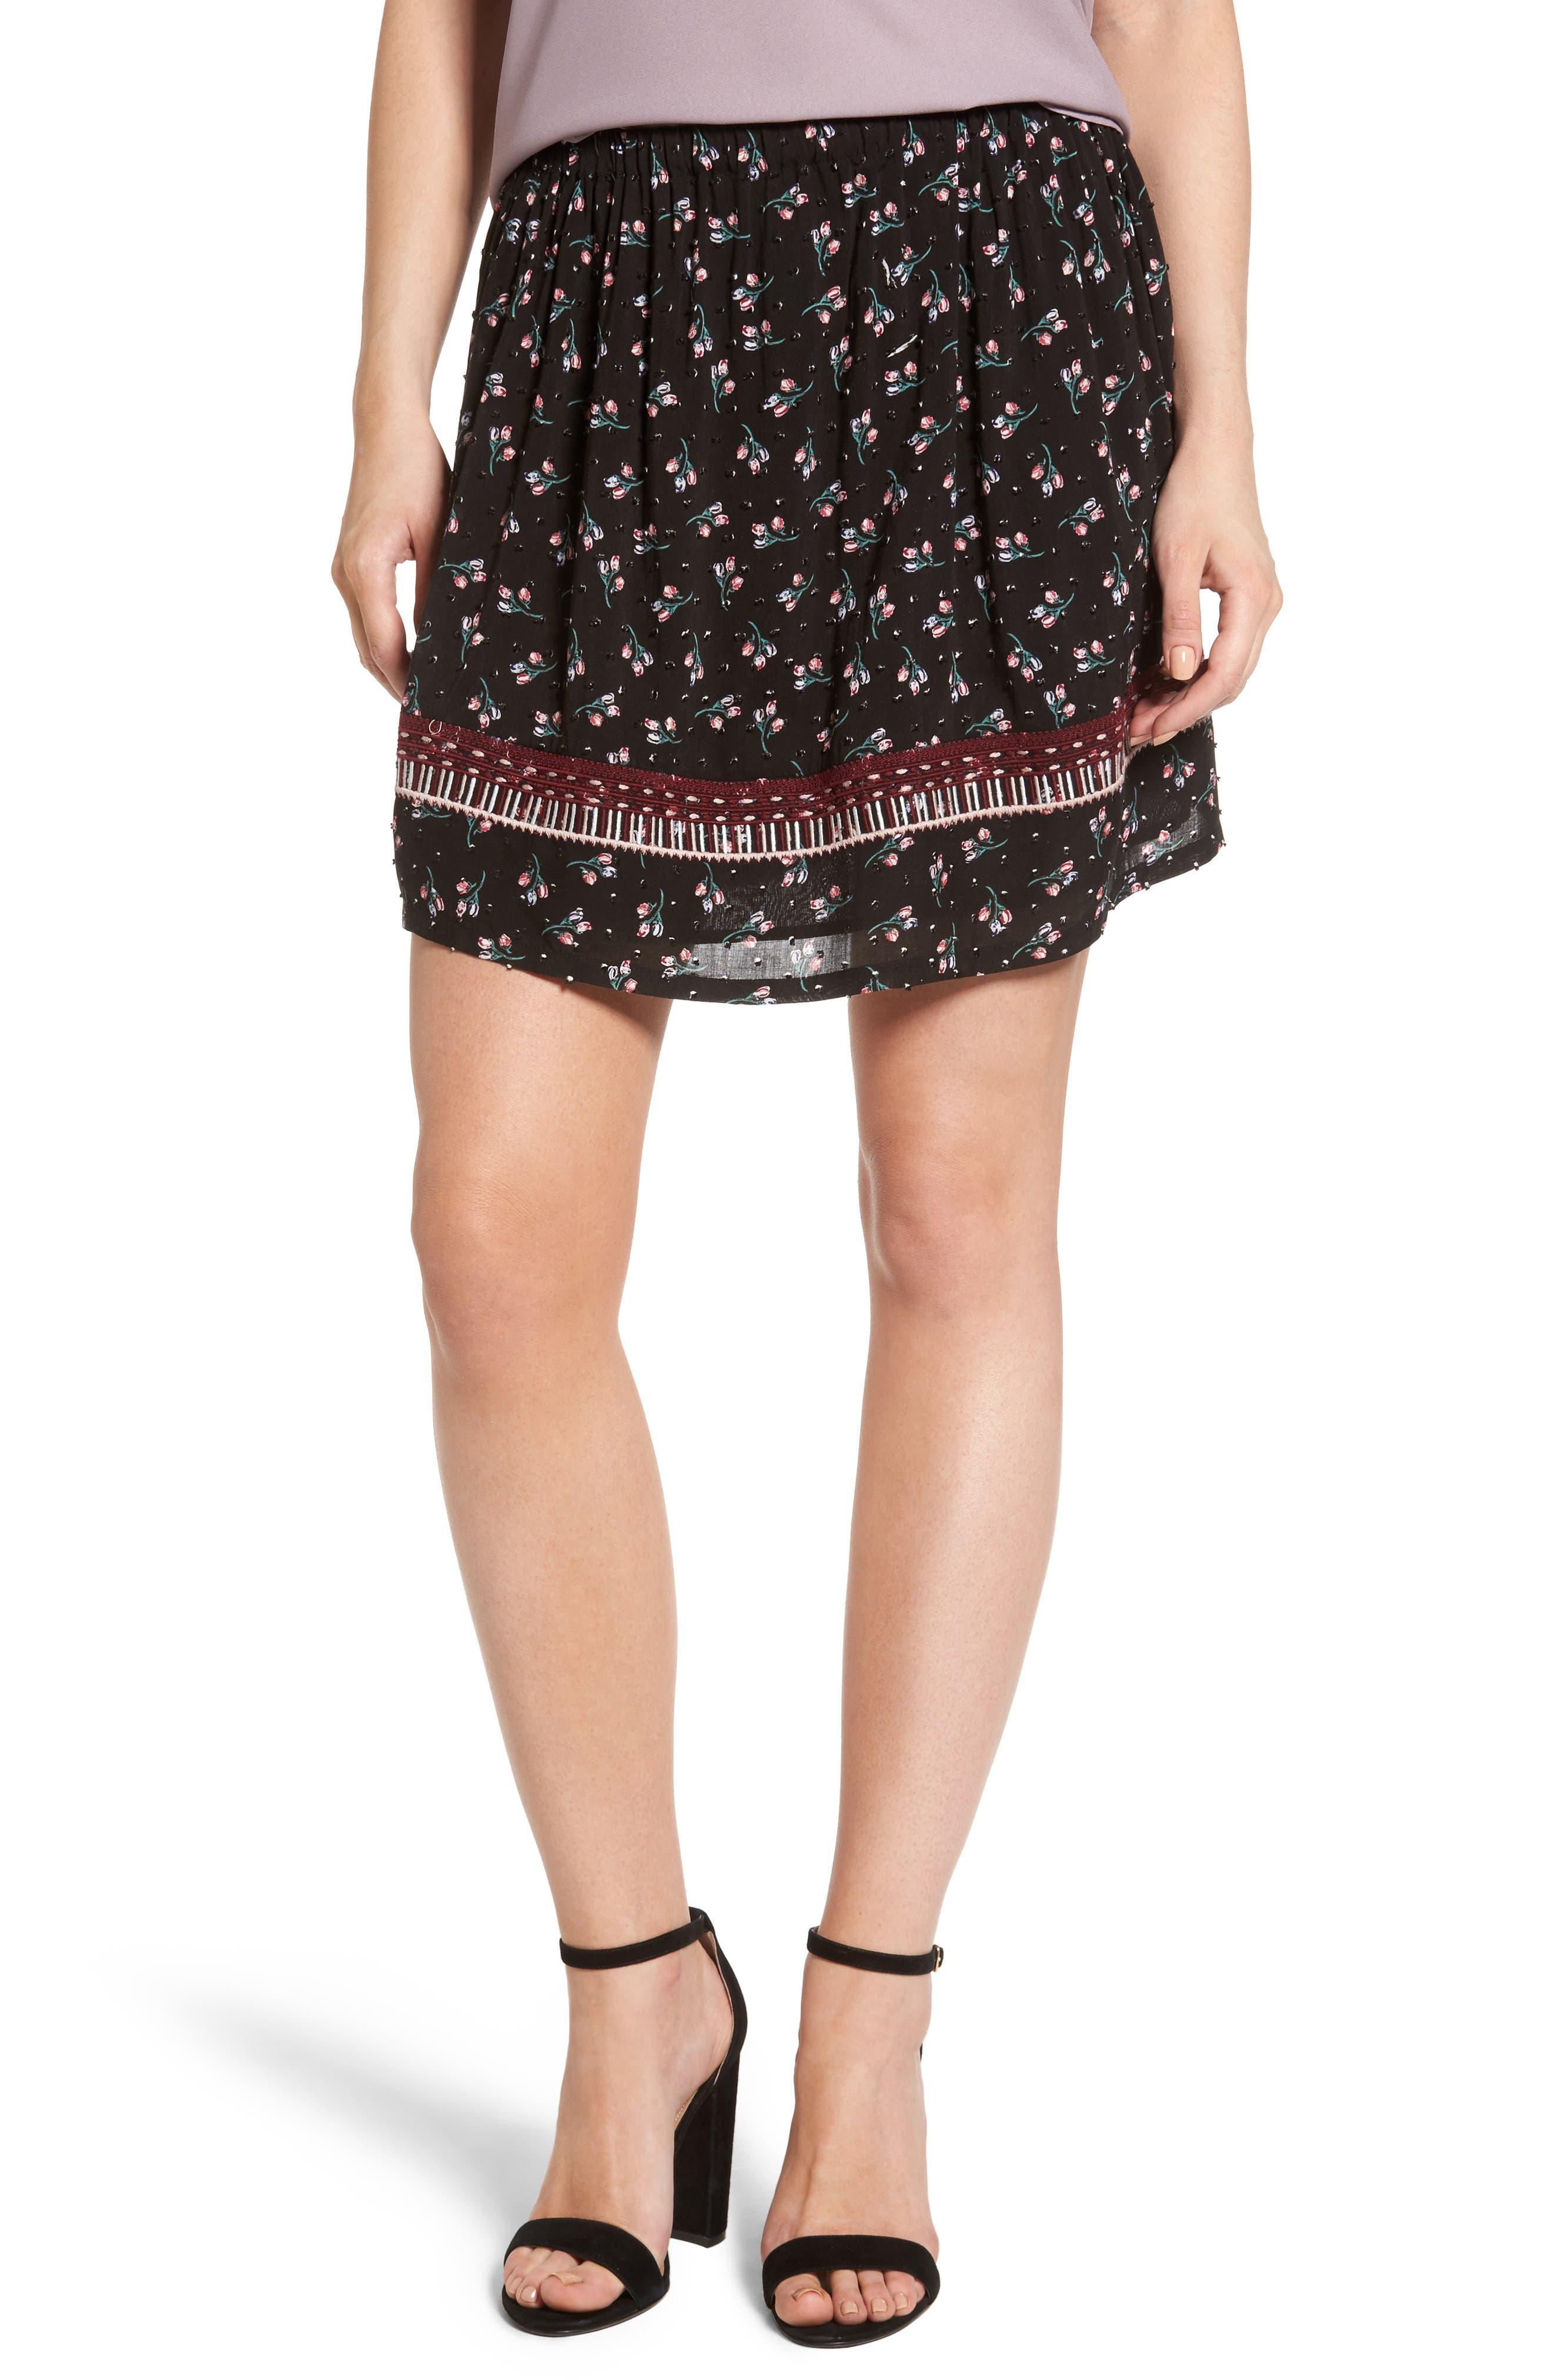 Ella Moss Florica Skirt